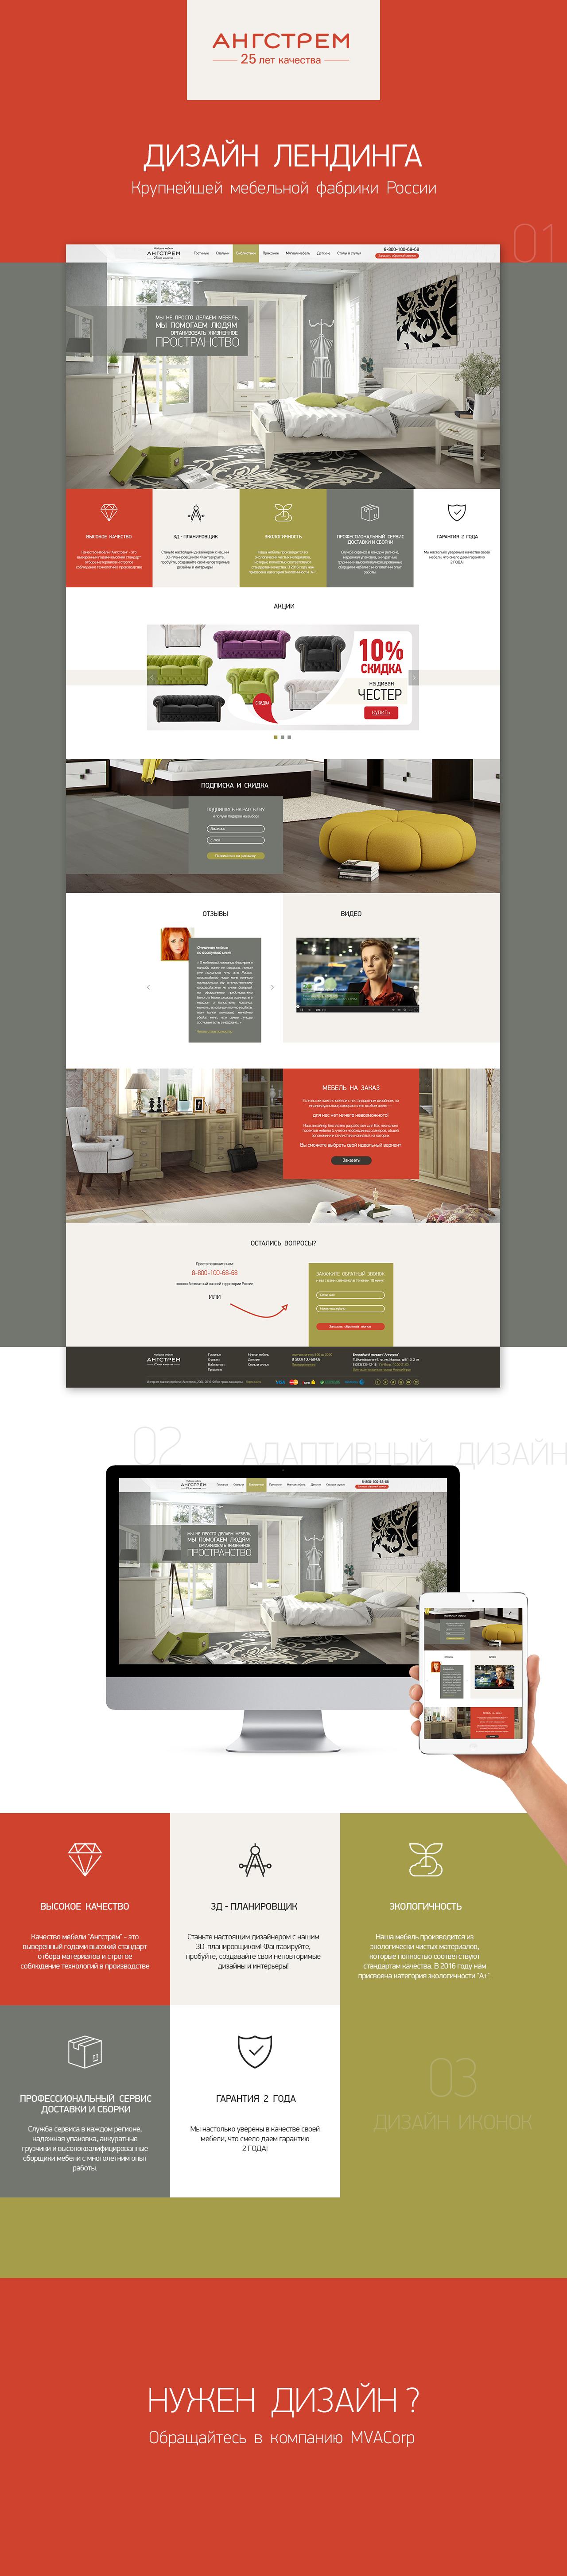 Дизайн посадочной страницы Ангстрем-мебель